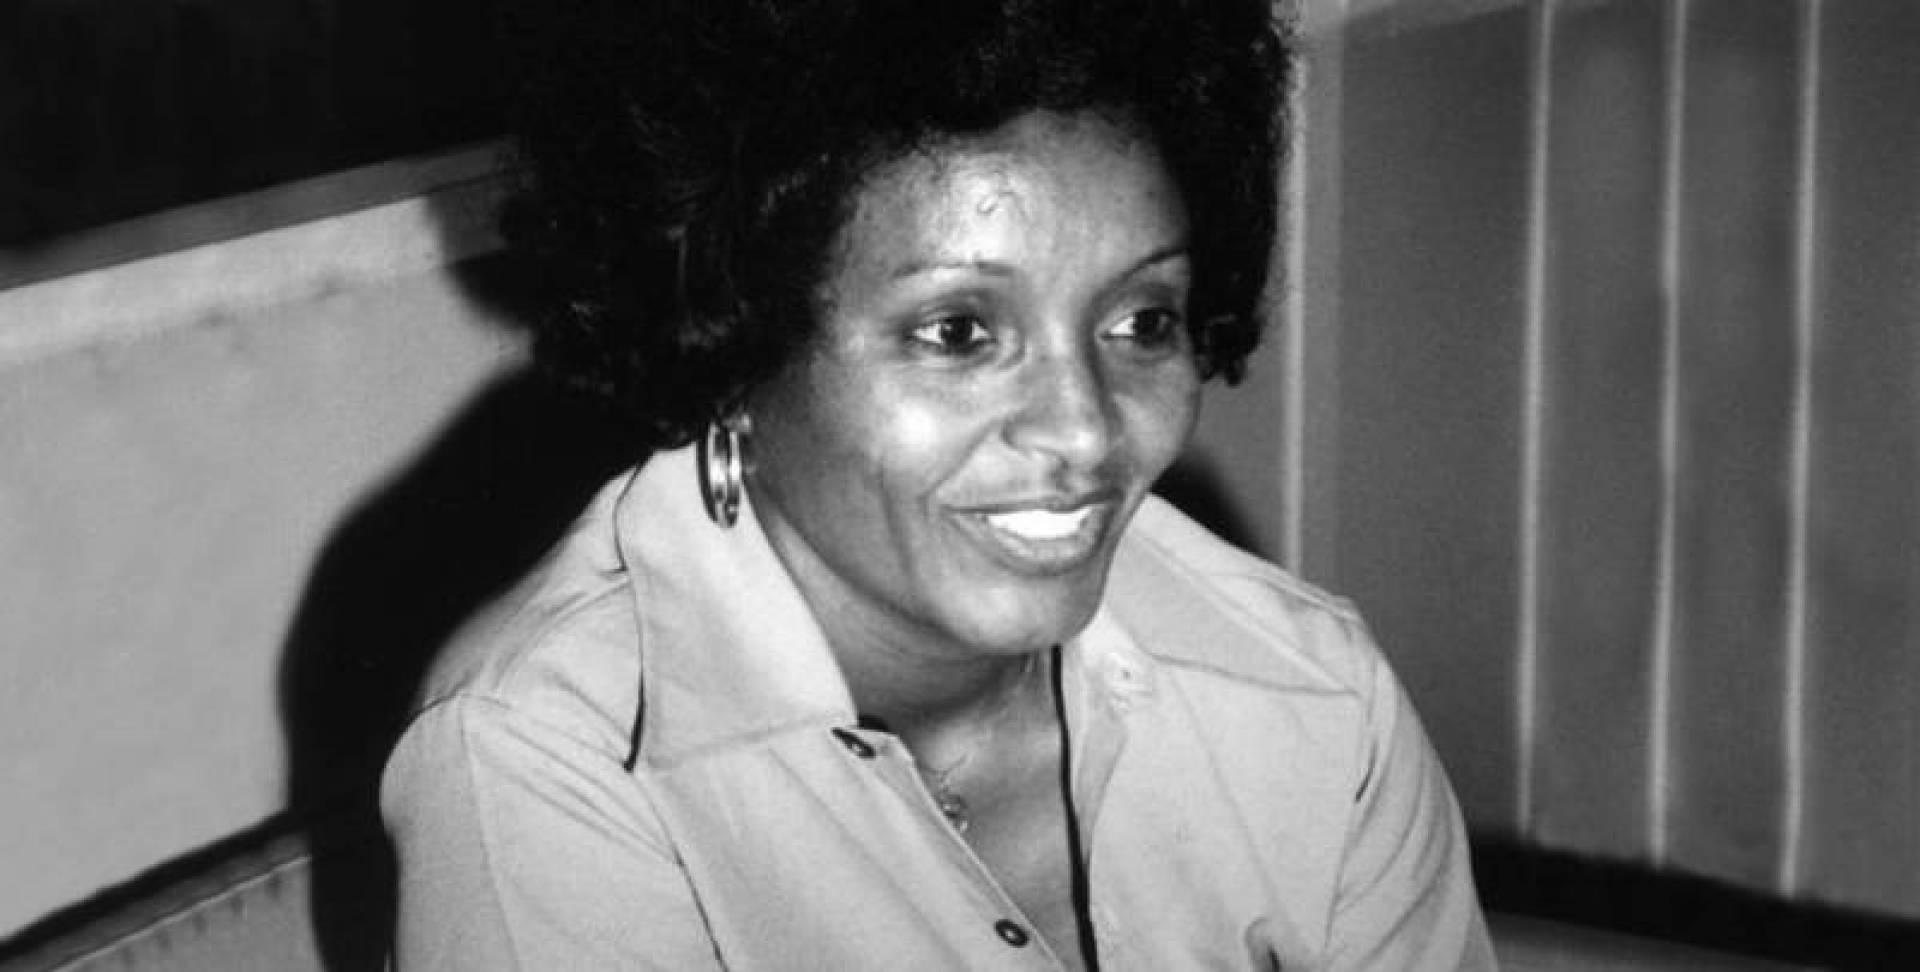 1980  أمينة ملكين: المقاتلة الأرترية تتزوج بلا مهر.. وشهر العسل إجازة محدودة في الخطوط الخلفية